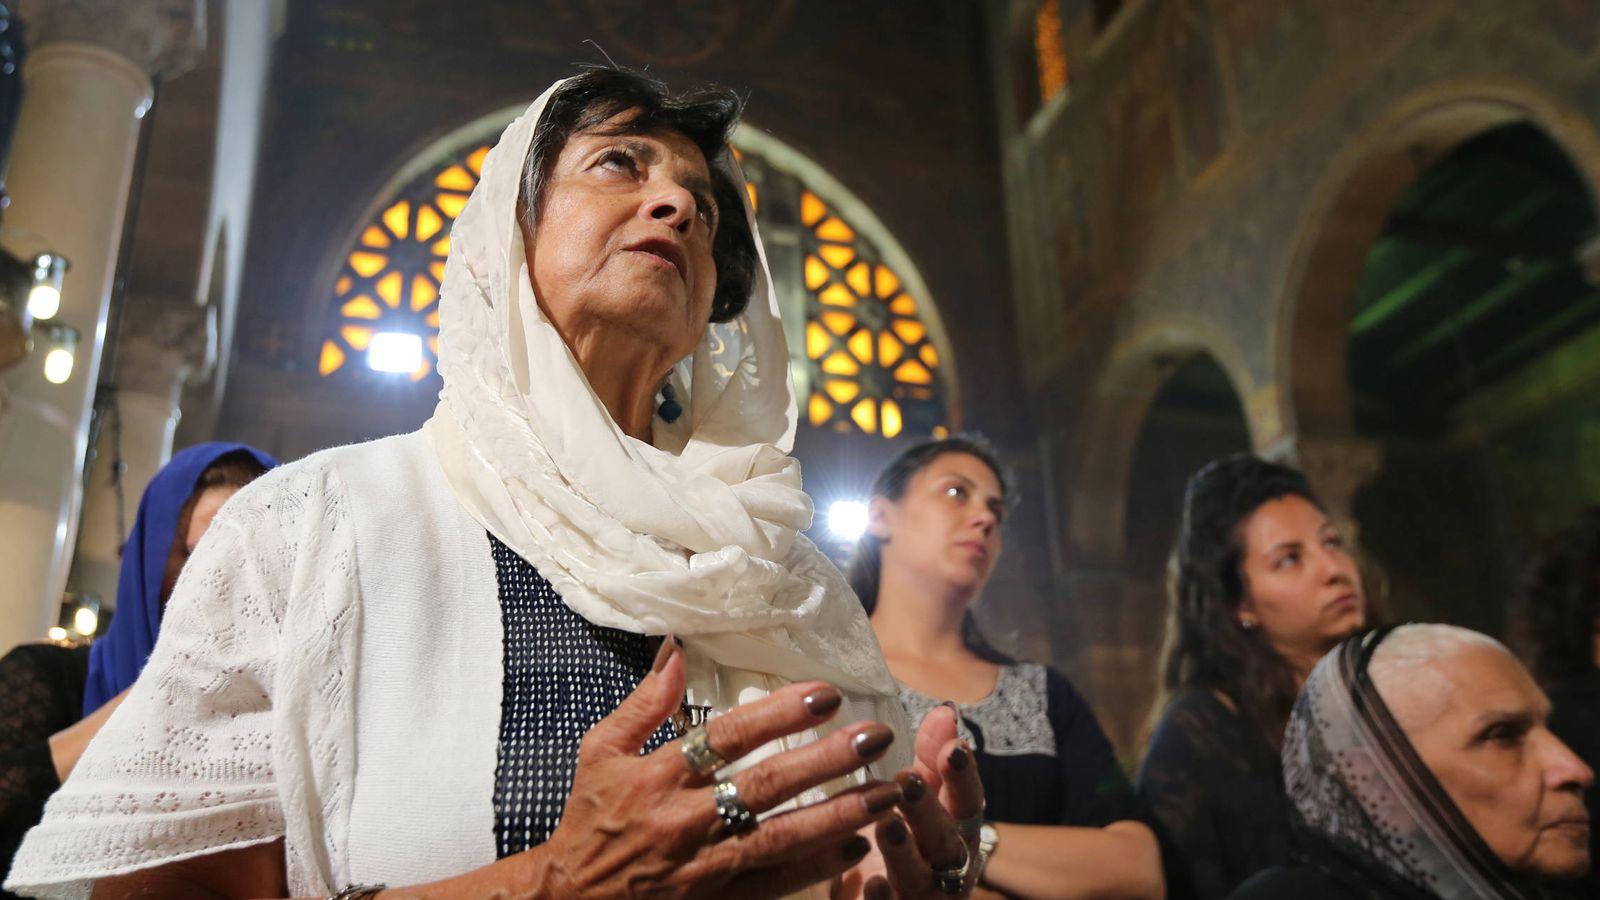 Foto: Familiares de los cristianos fallecidos en el accidente del vuelo MS804 durante una misa en El Cairo, el 22 de mayo de 2016 (Reuters).